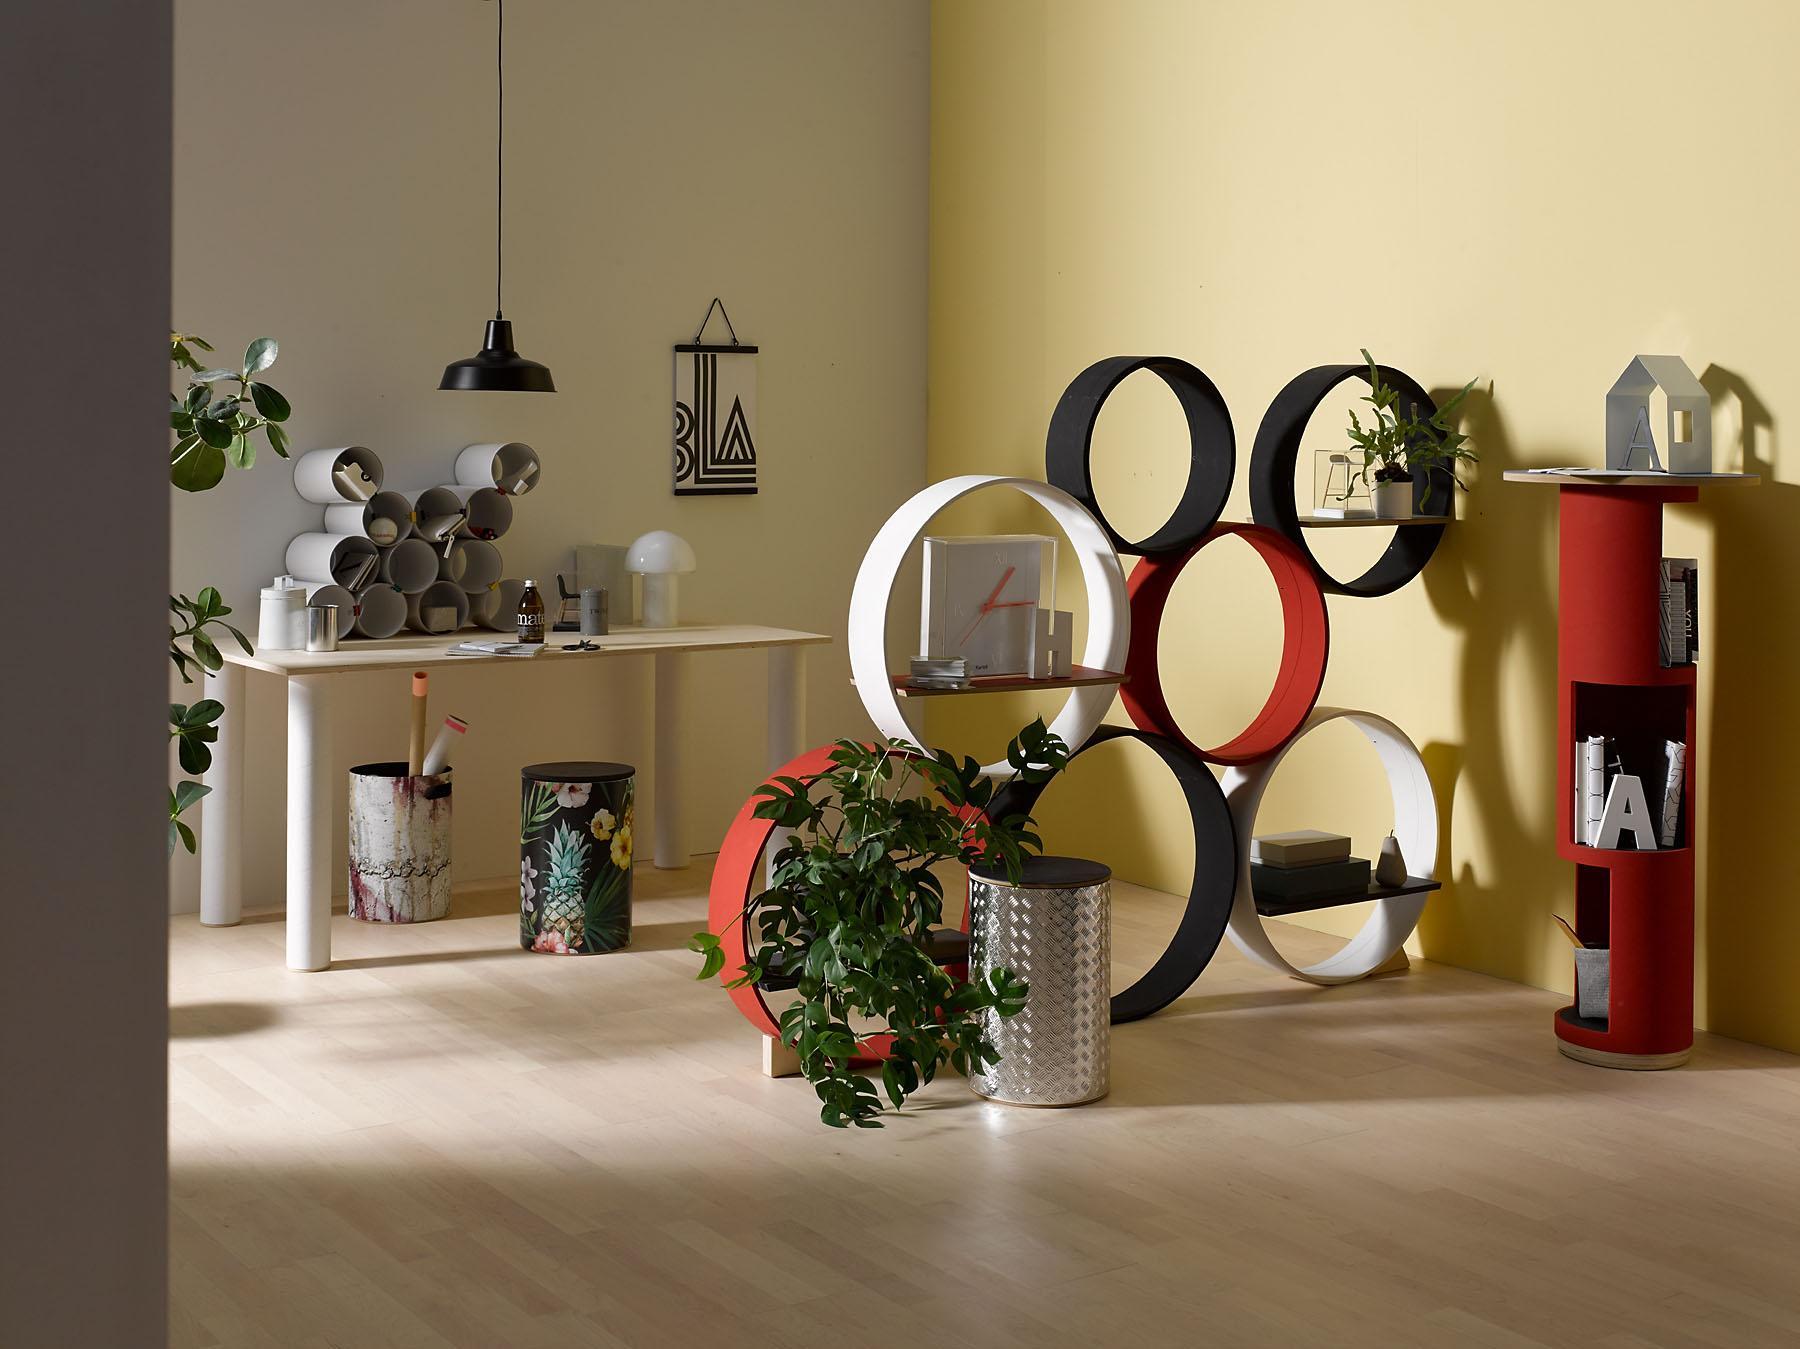 runde bilderdeko bilder ideen couchstyle. Black Bedroom Furniture Sets. Home Design Ideas